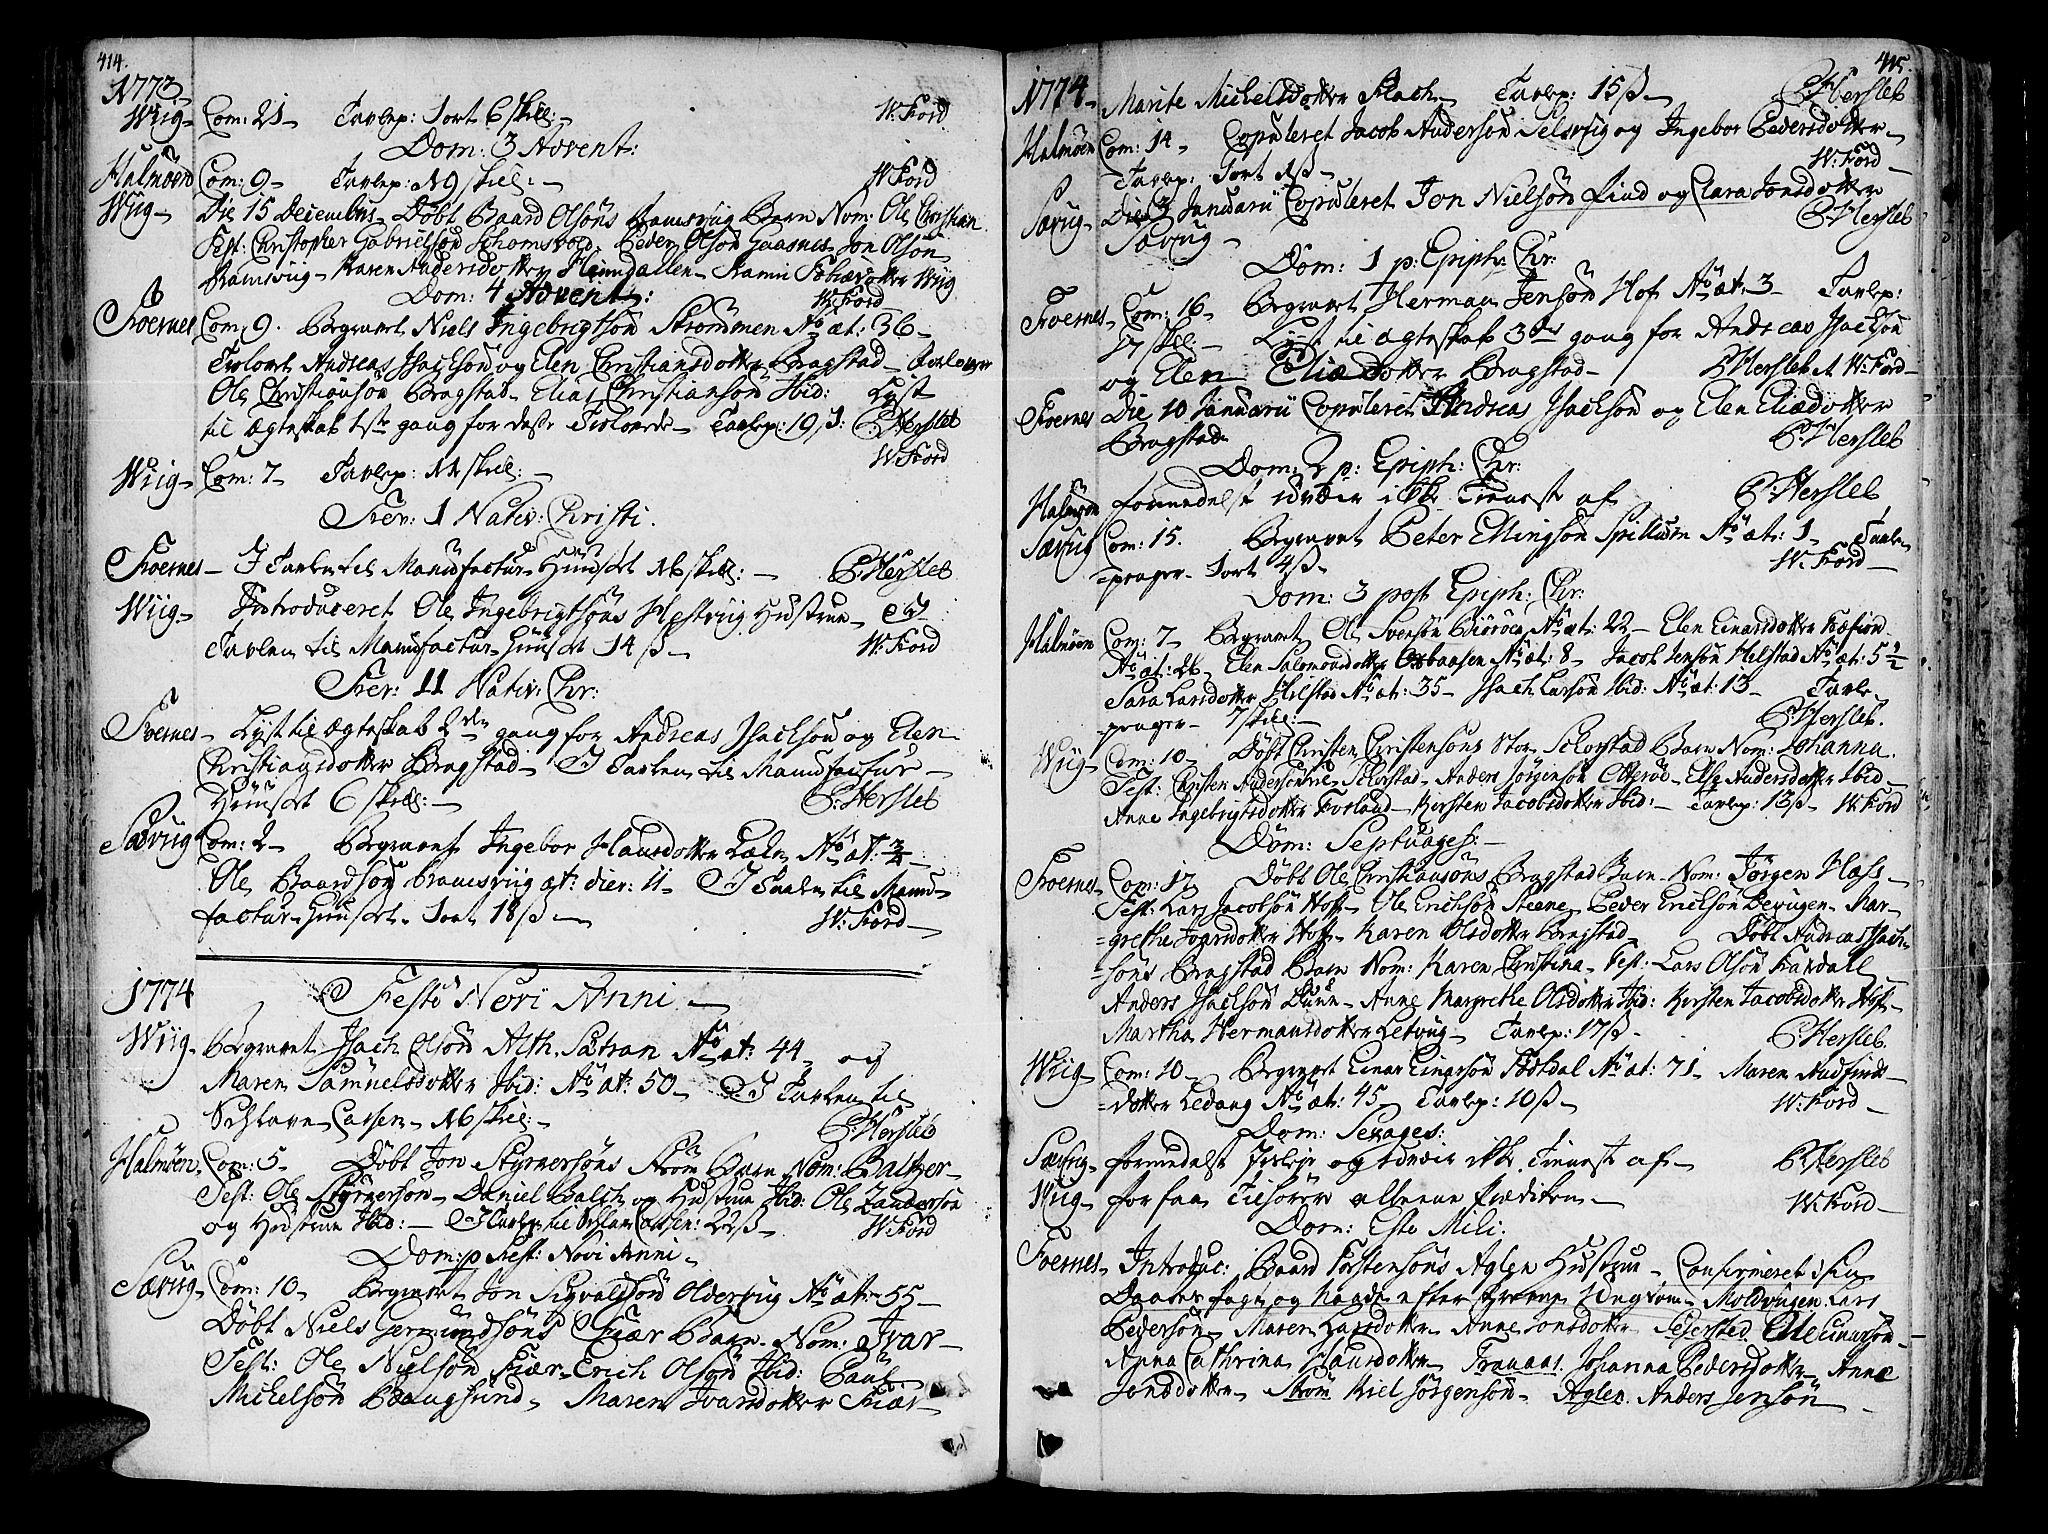 SAT, Ministerialprotokoller, klokkerbøker og fødselsregistre - Nord-Trøndelag, 773/L0607: Ministerialbok nr. 773A01, 1751-1783, s. 414-415